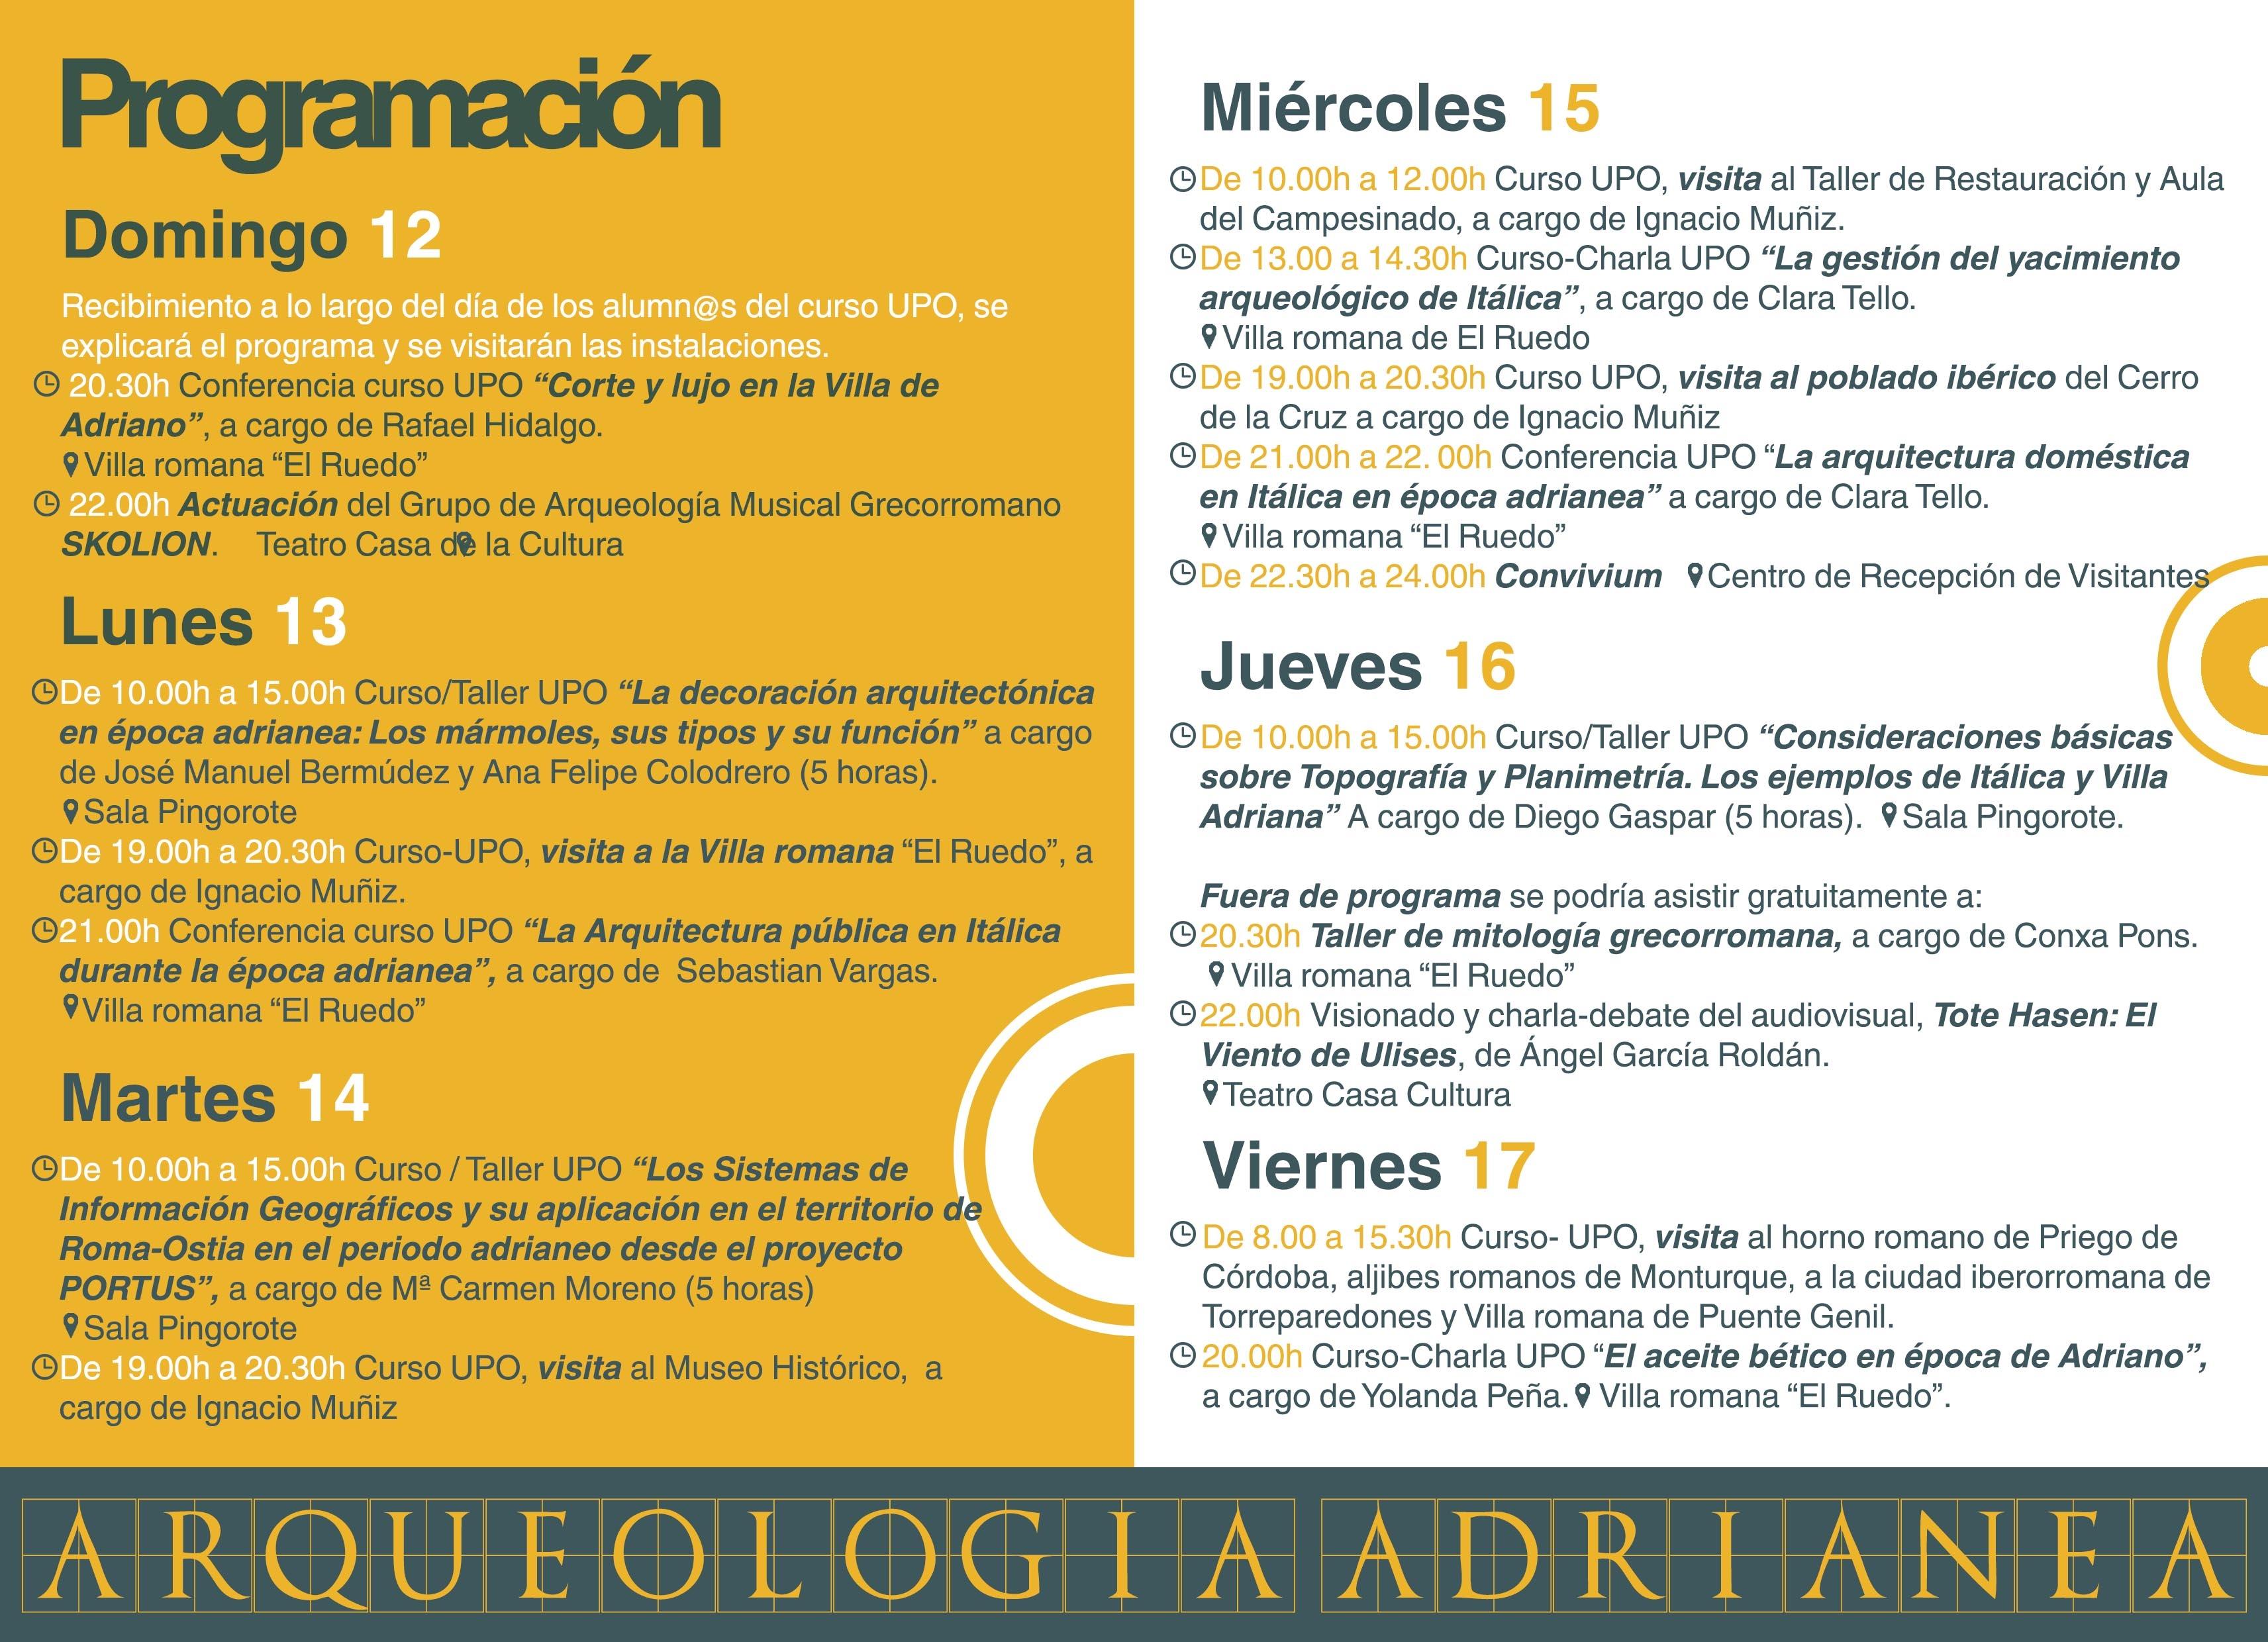 Programa Curso Arqueología Adrianea 1 def